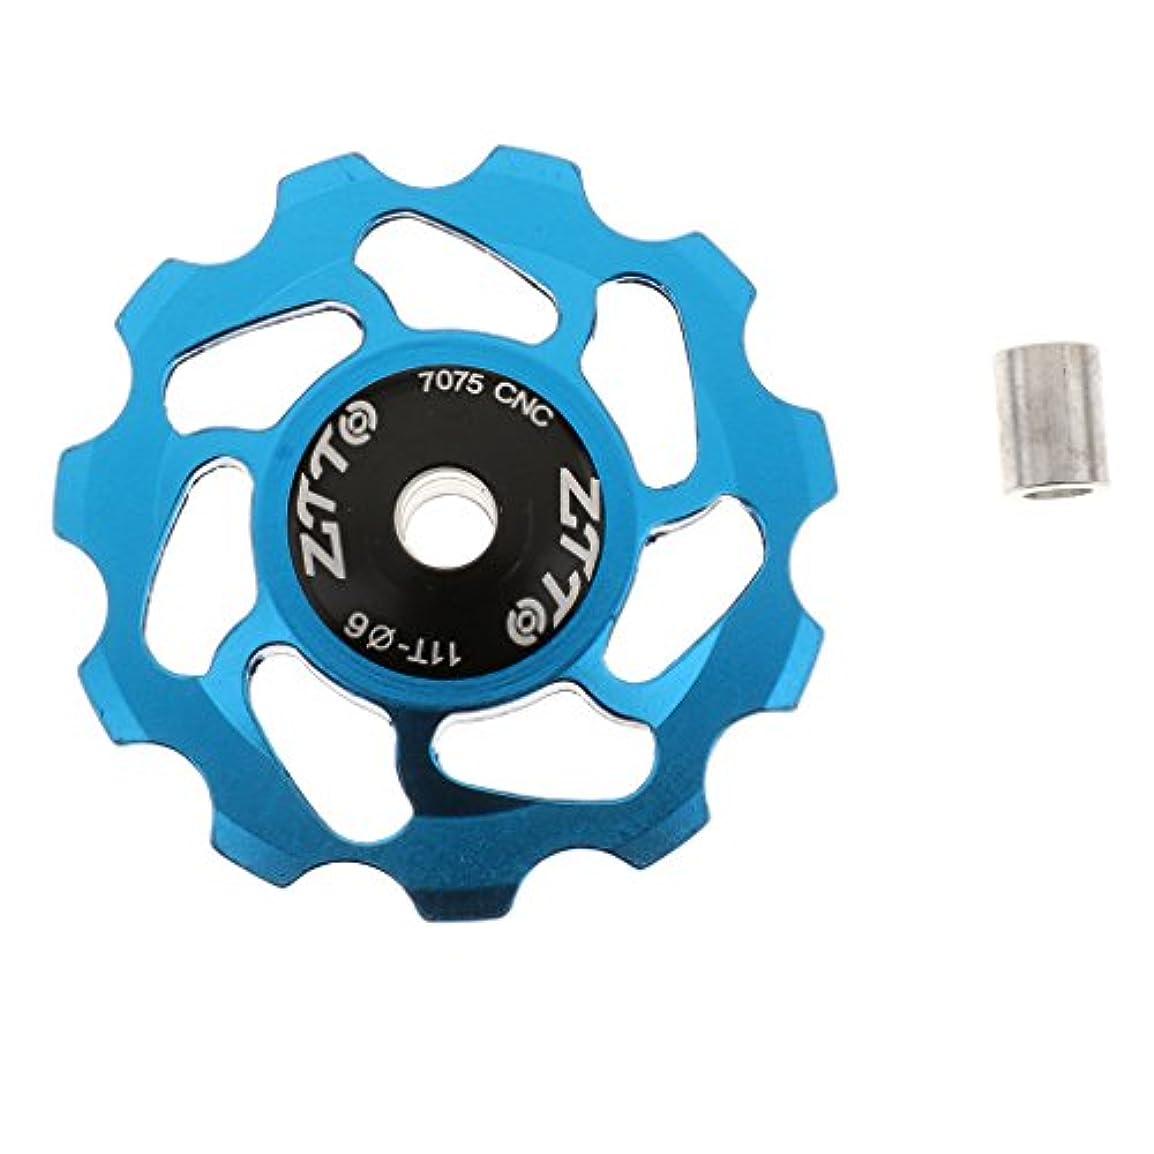 正統派離れたできればFlameer 自転車プーリーホイール ボルト ジョッキー 11T  MTB ベアリング プーリー ローラ リアディレイラー 自転車パーツ 便利  全5色